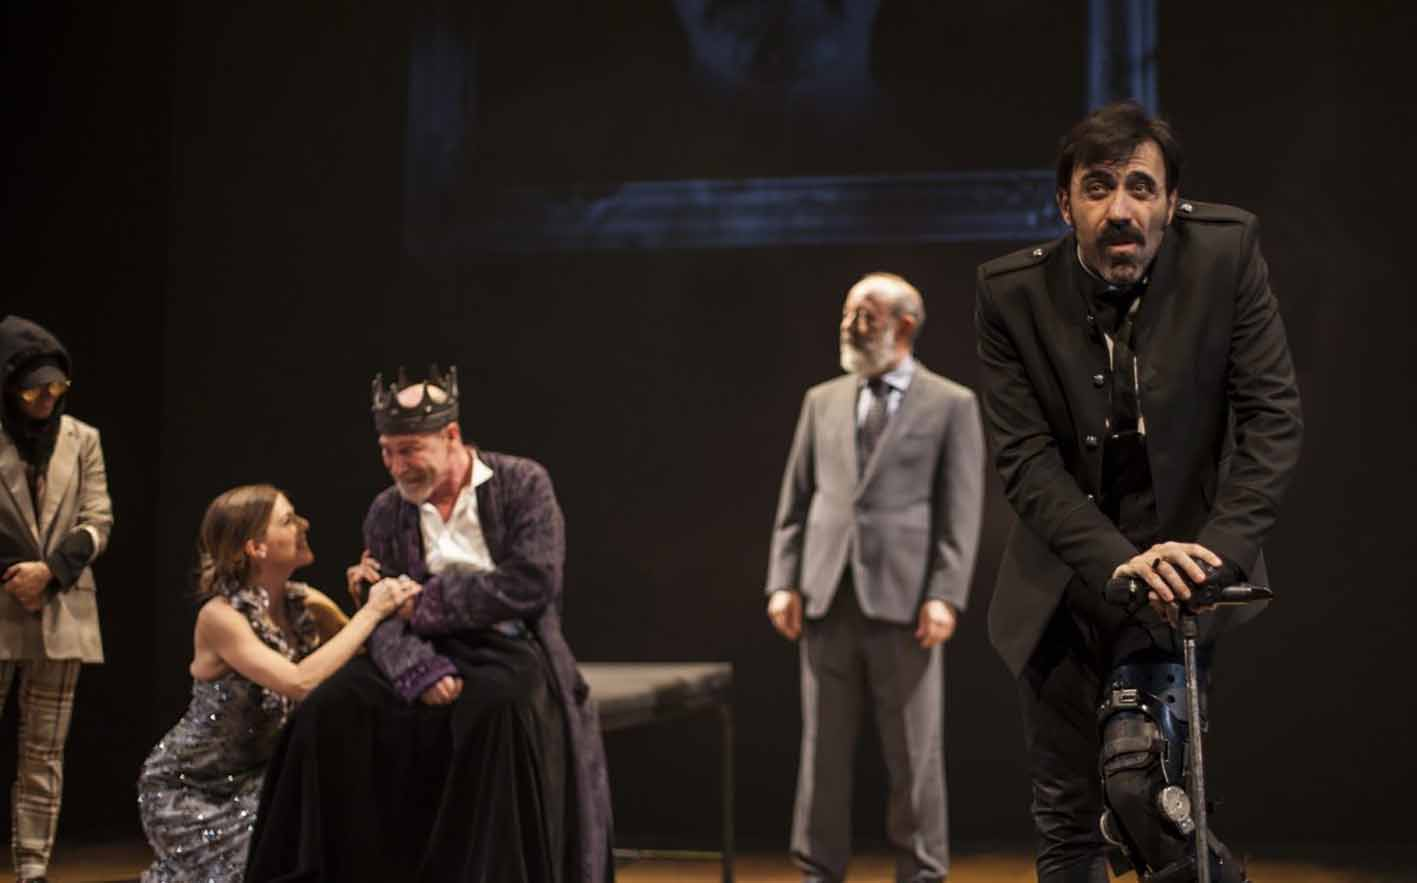 Ricardo III obra teatro